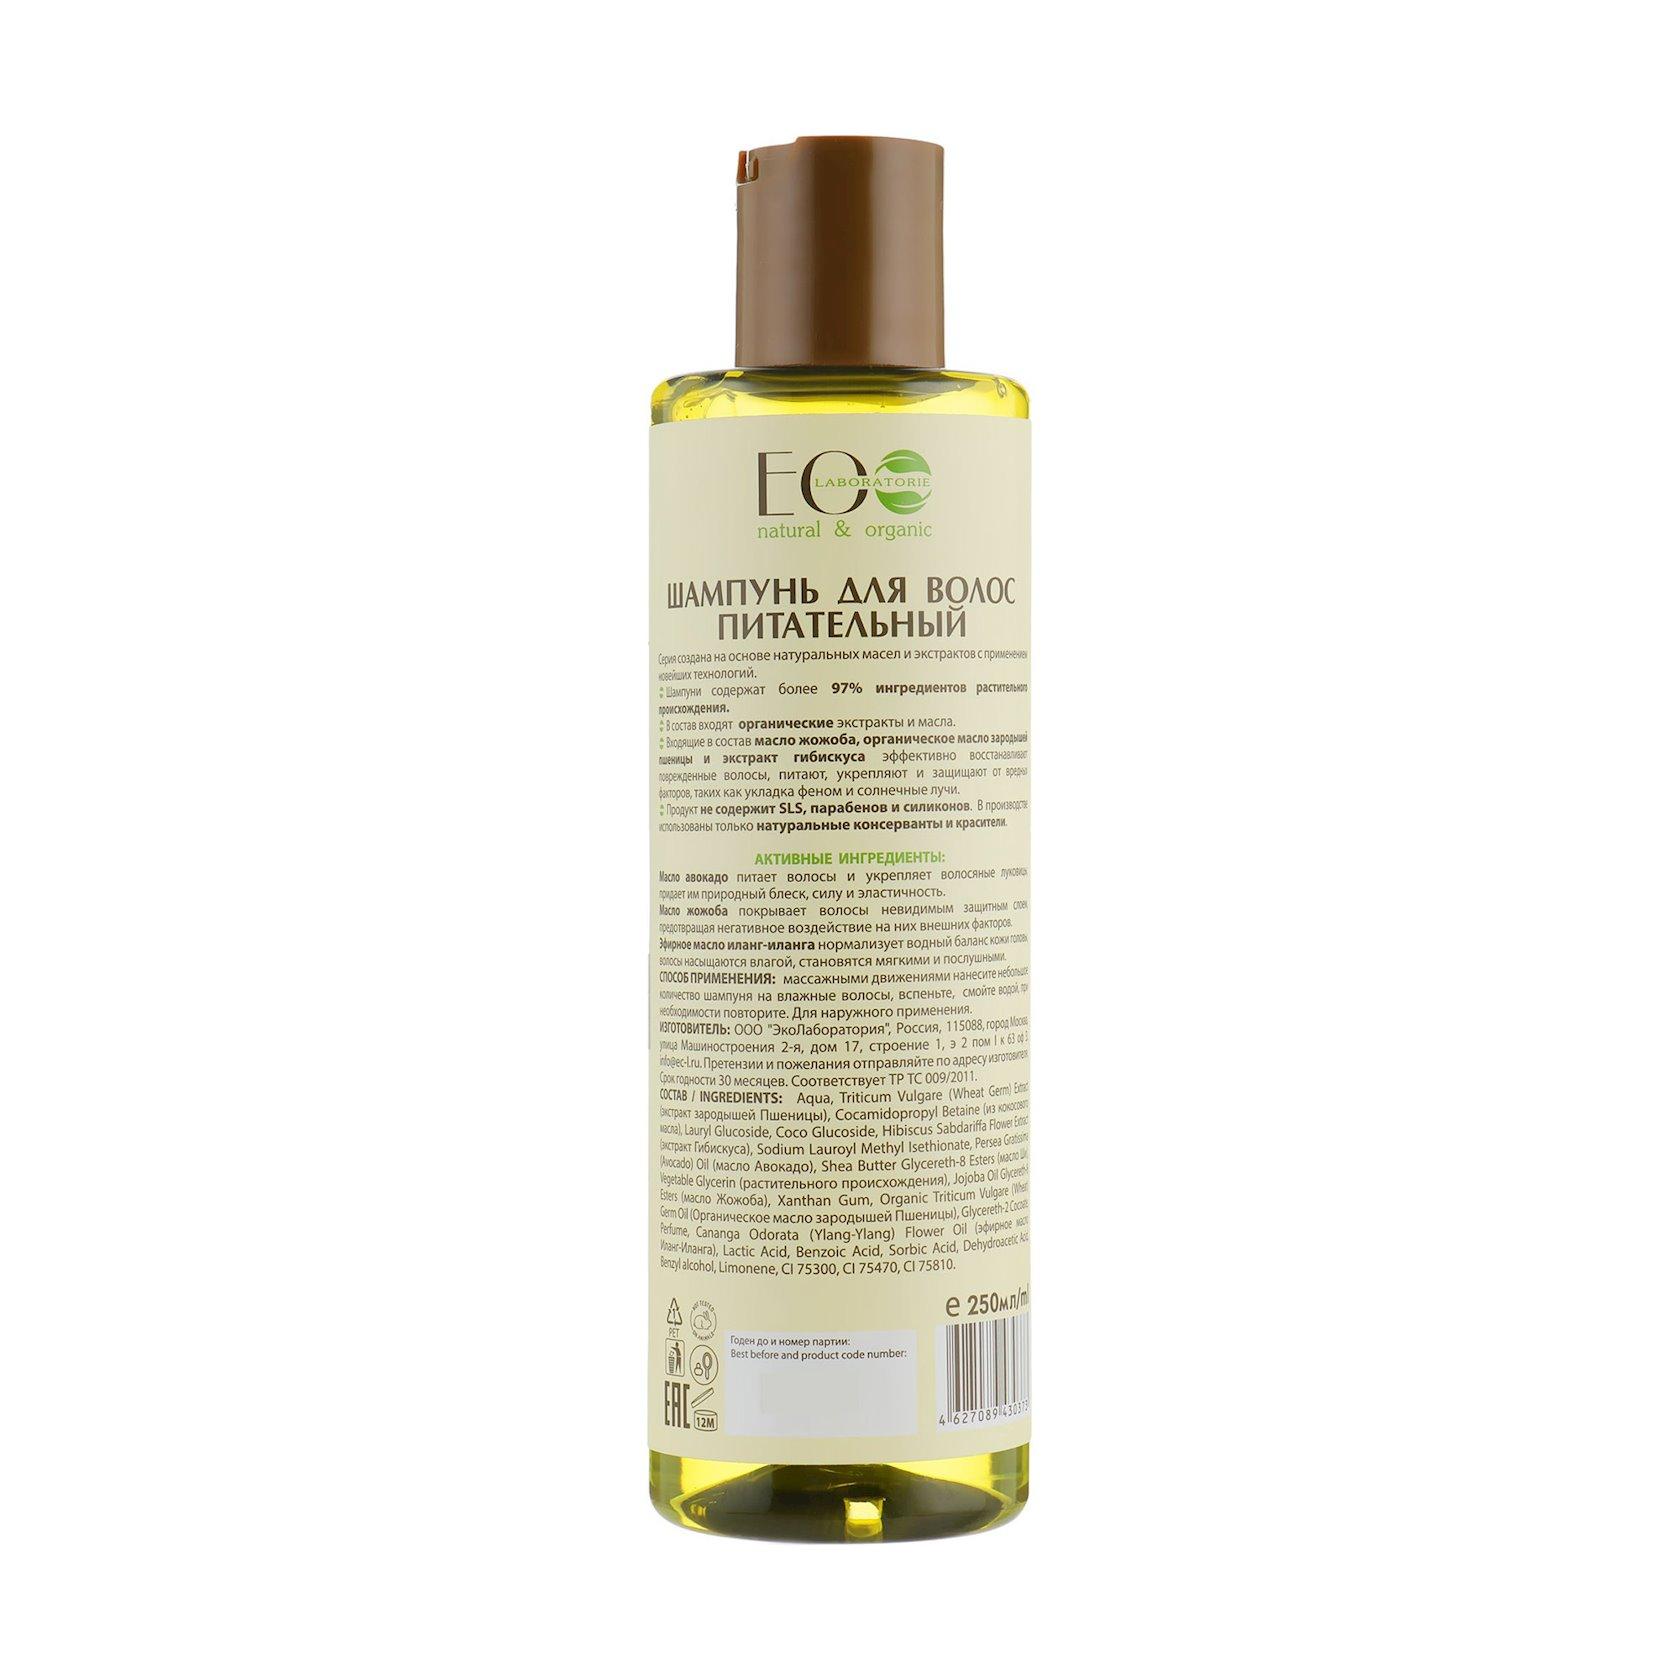 Şampun saç üçün EO Laboratorie Qidalandırıcı zəif və saçqıranlı saçlar üçün 250 ml